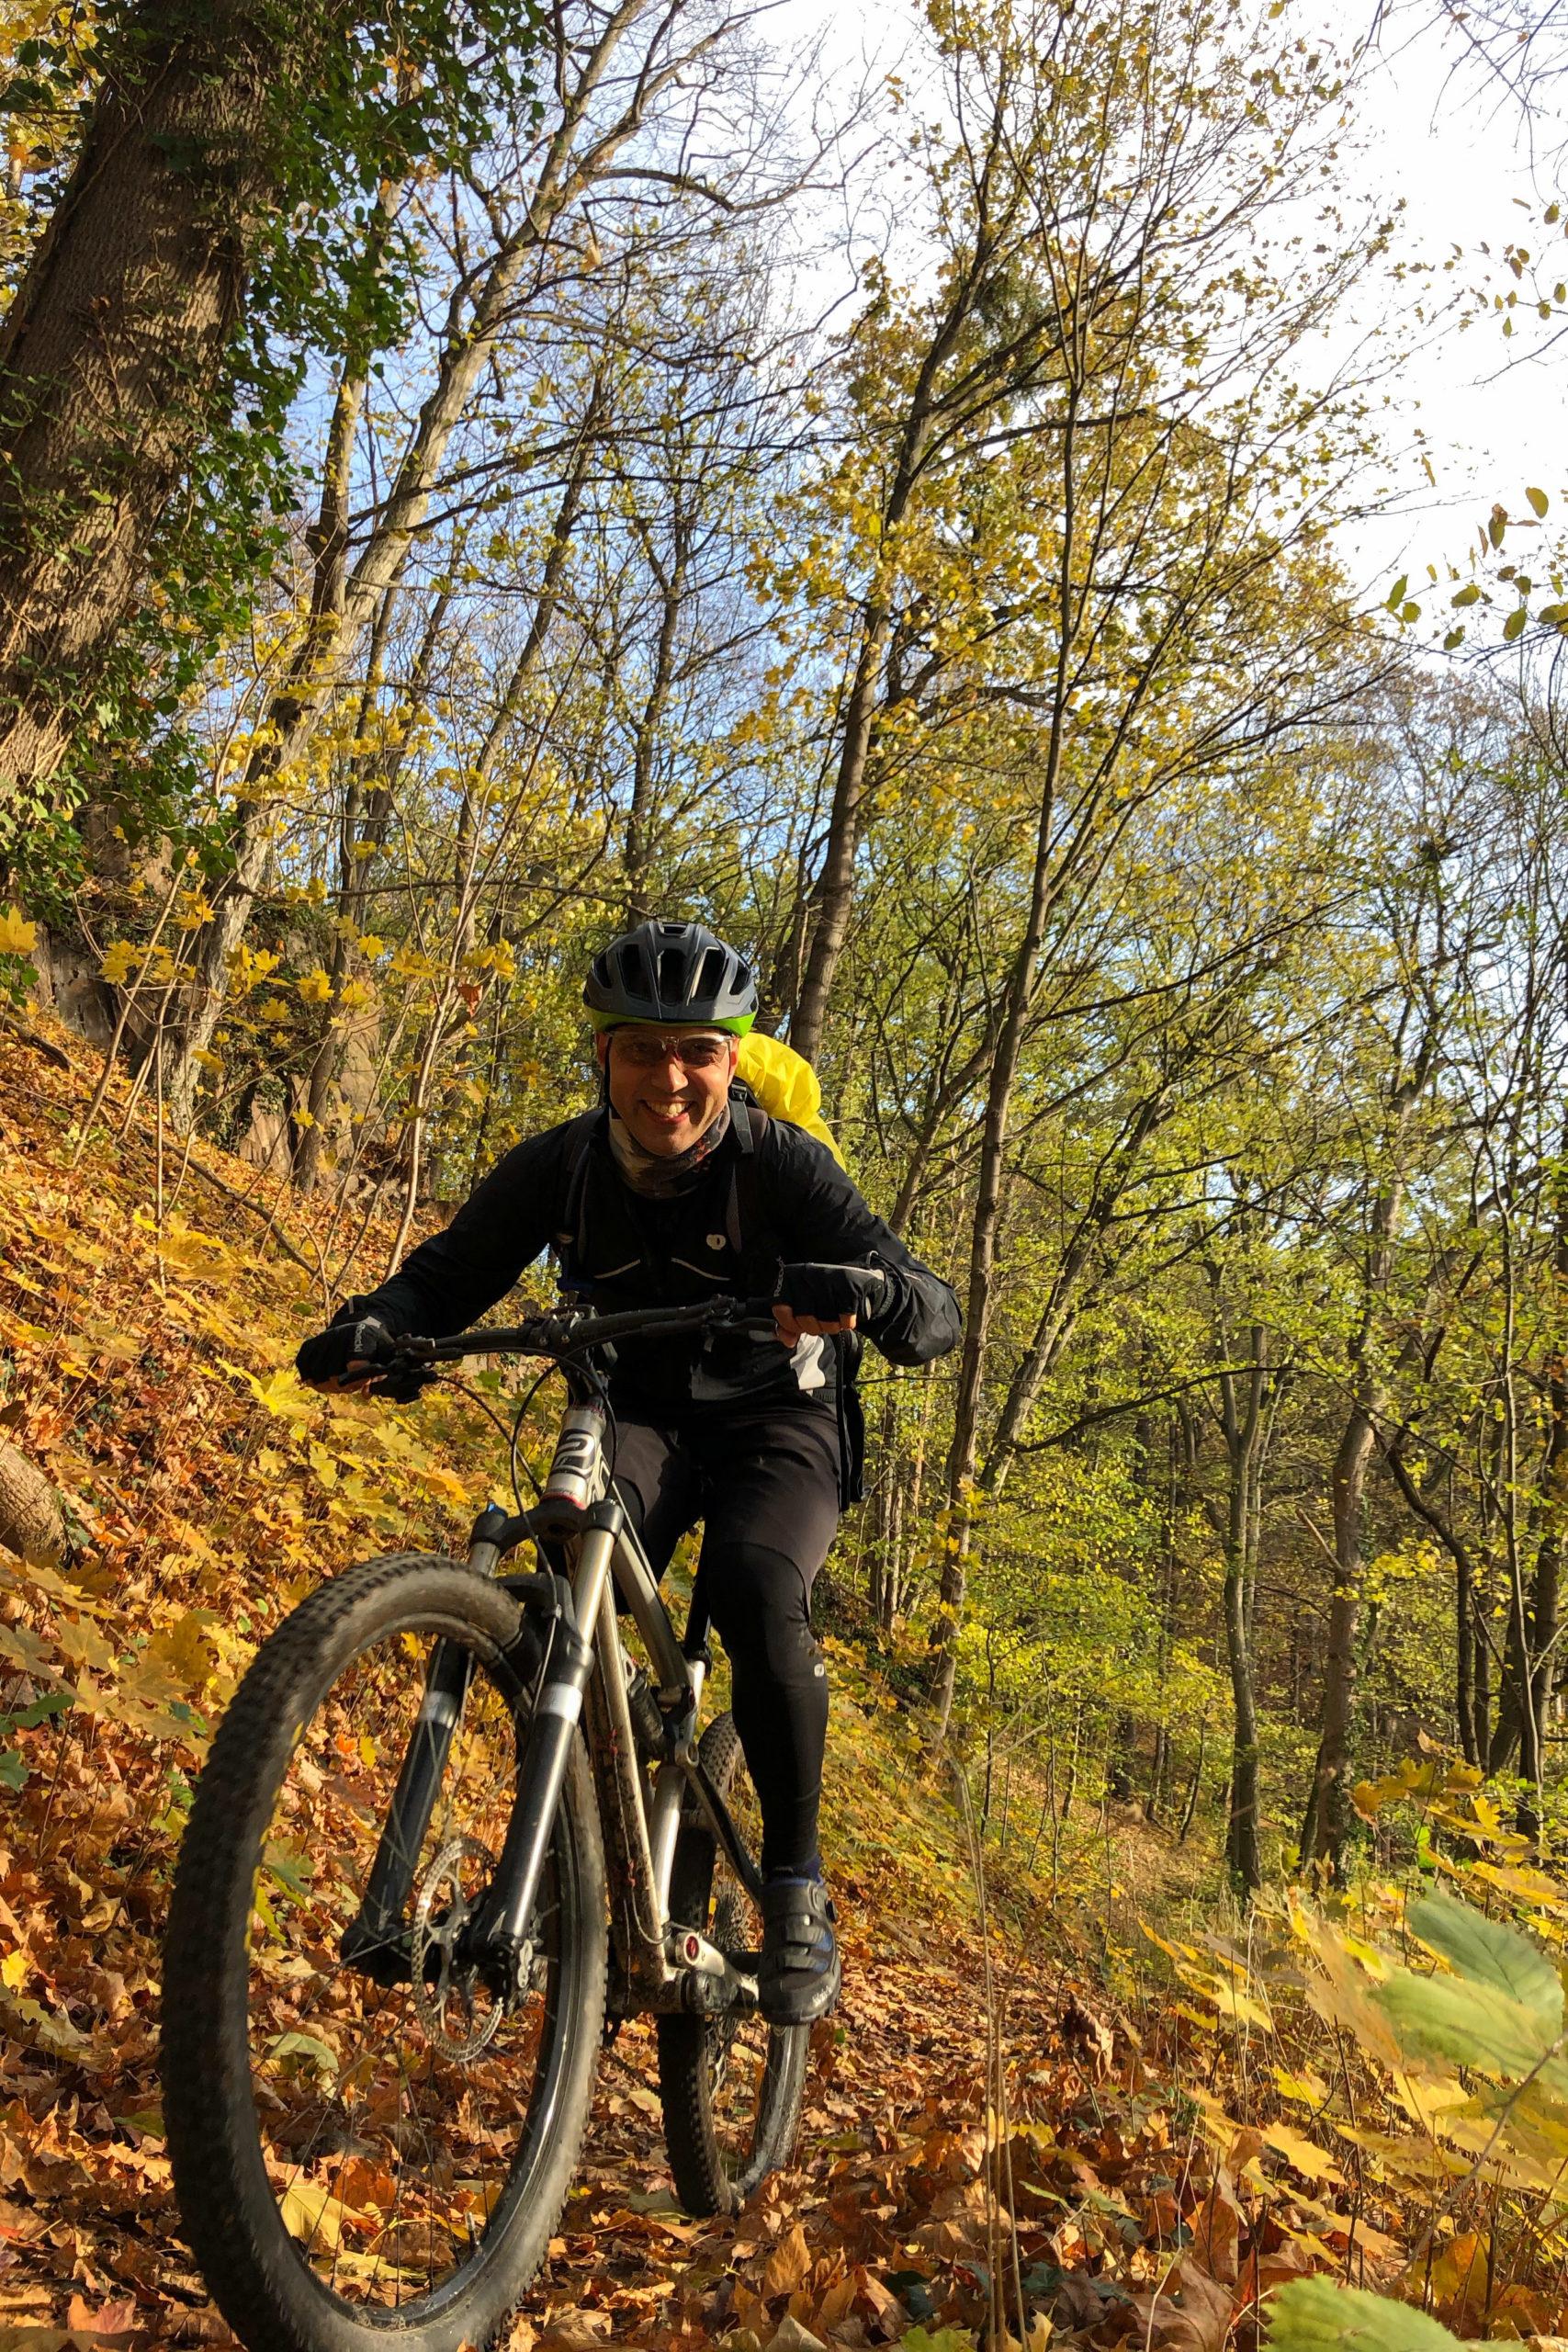 die Wege sind rutschig, machen aber Biker glücklich